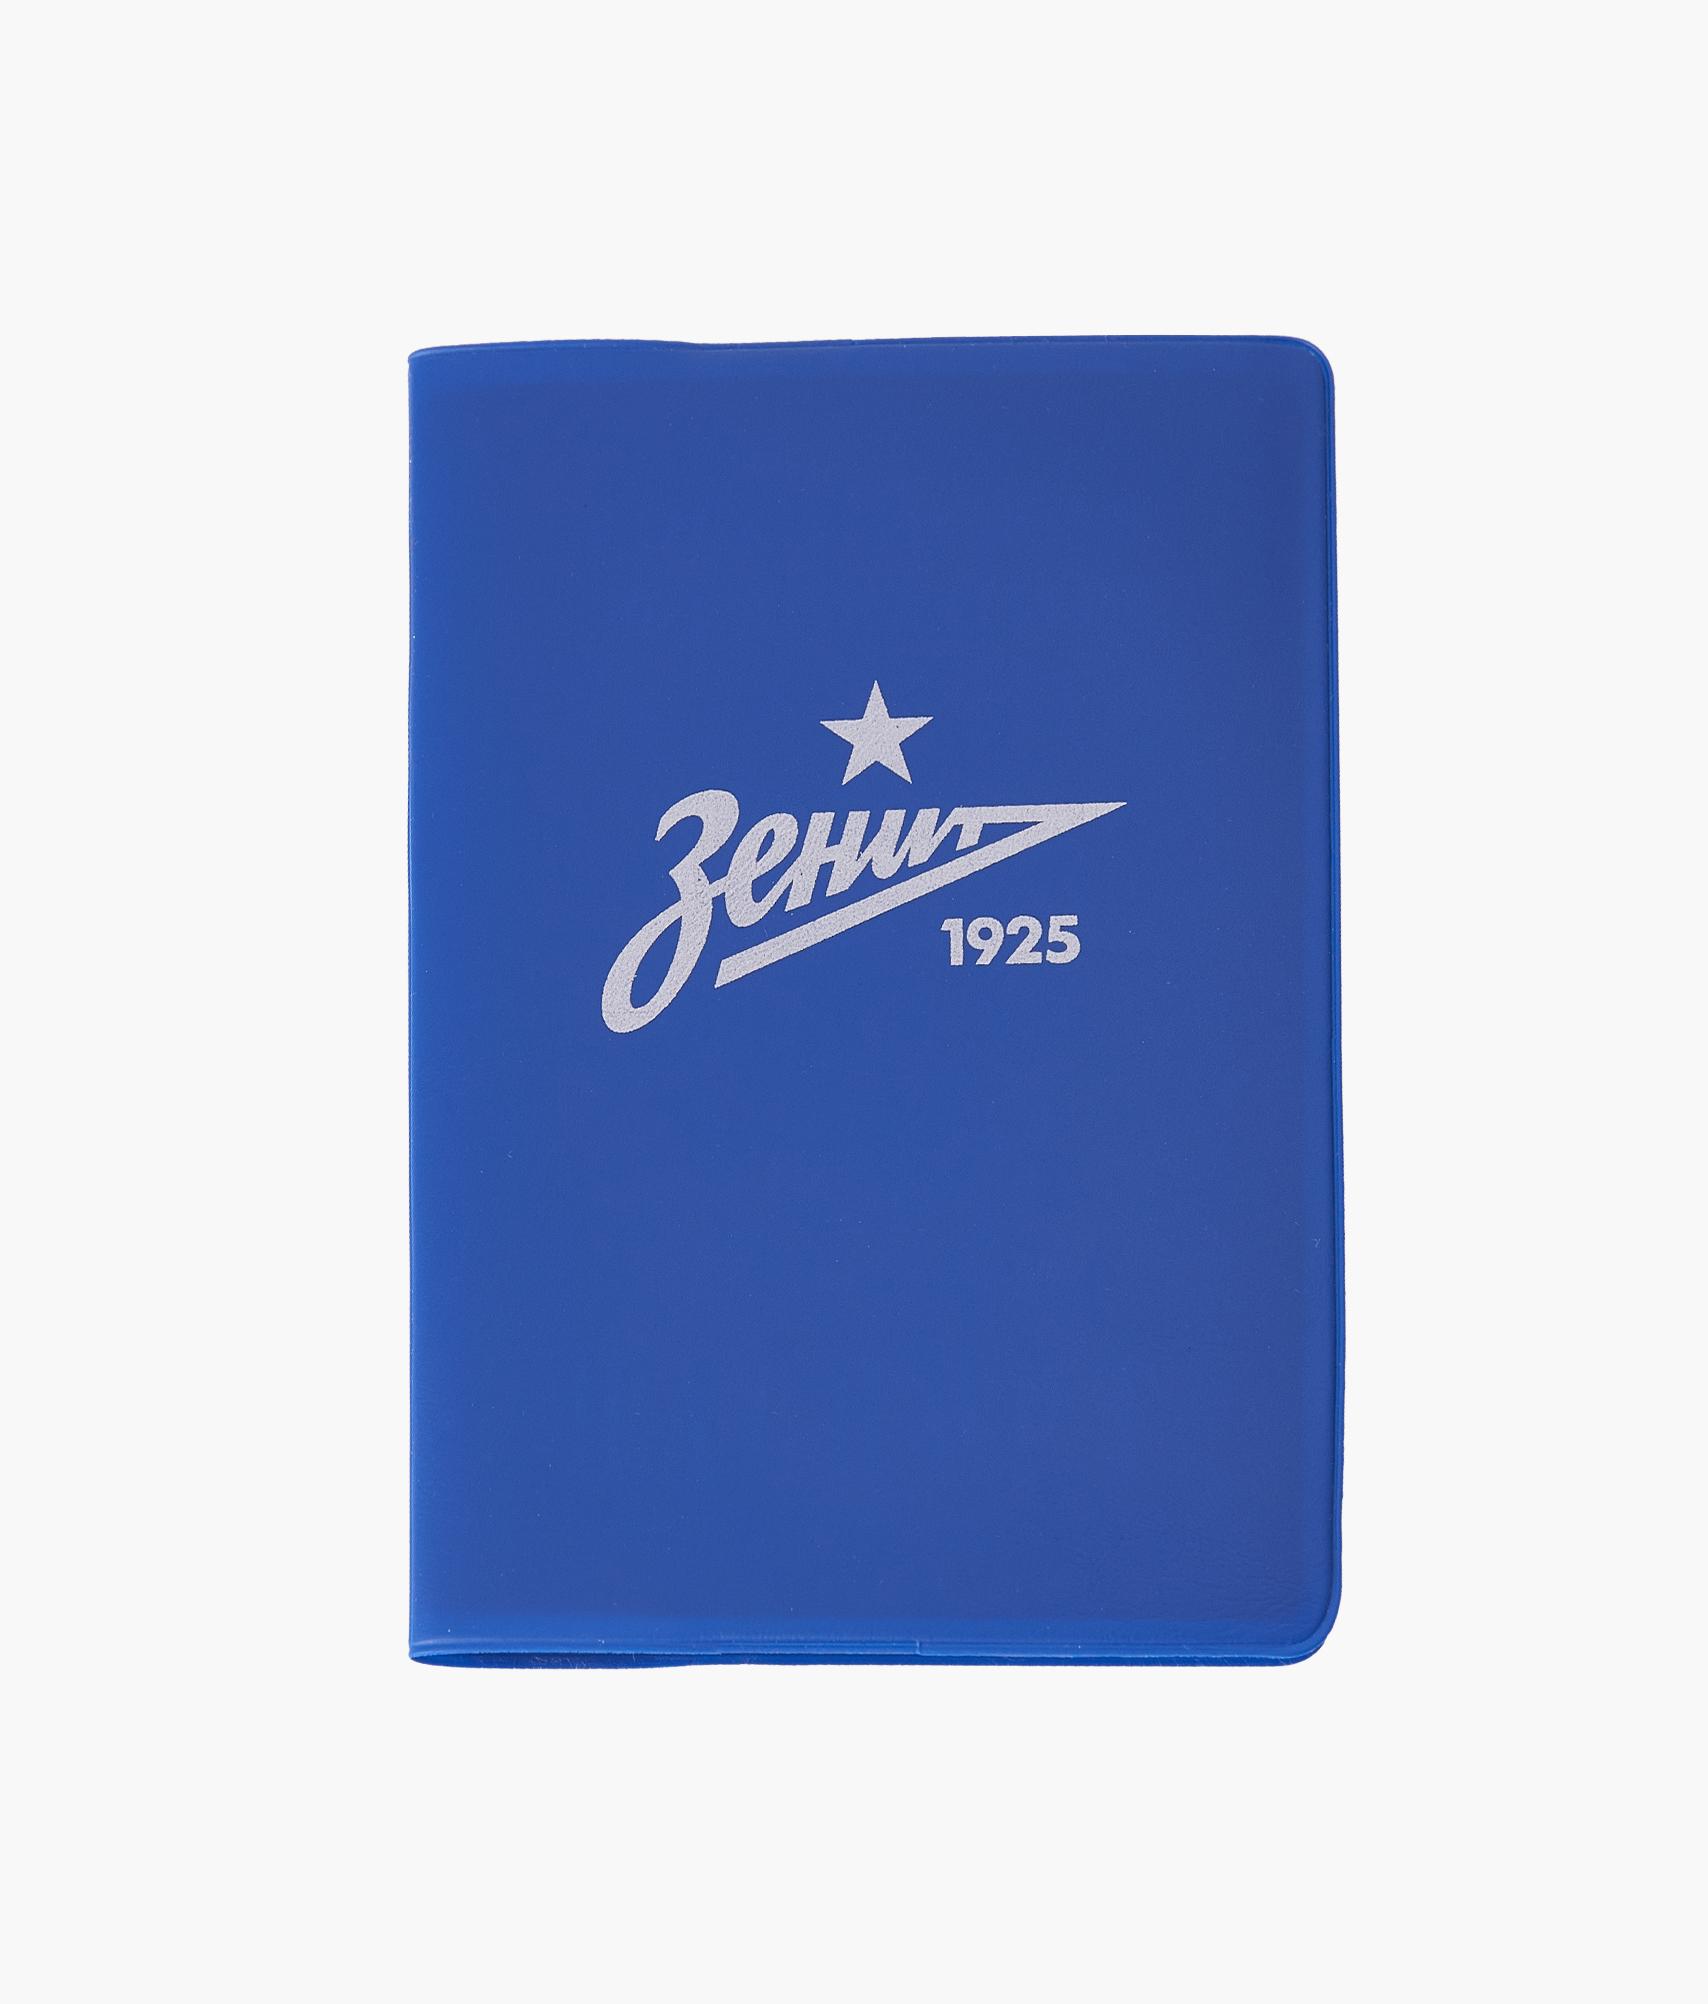 Обложка для паспорта синяя Зенит стоимость